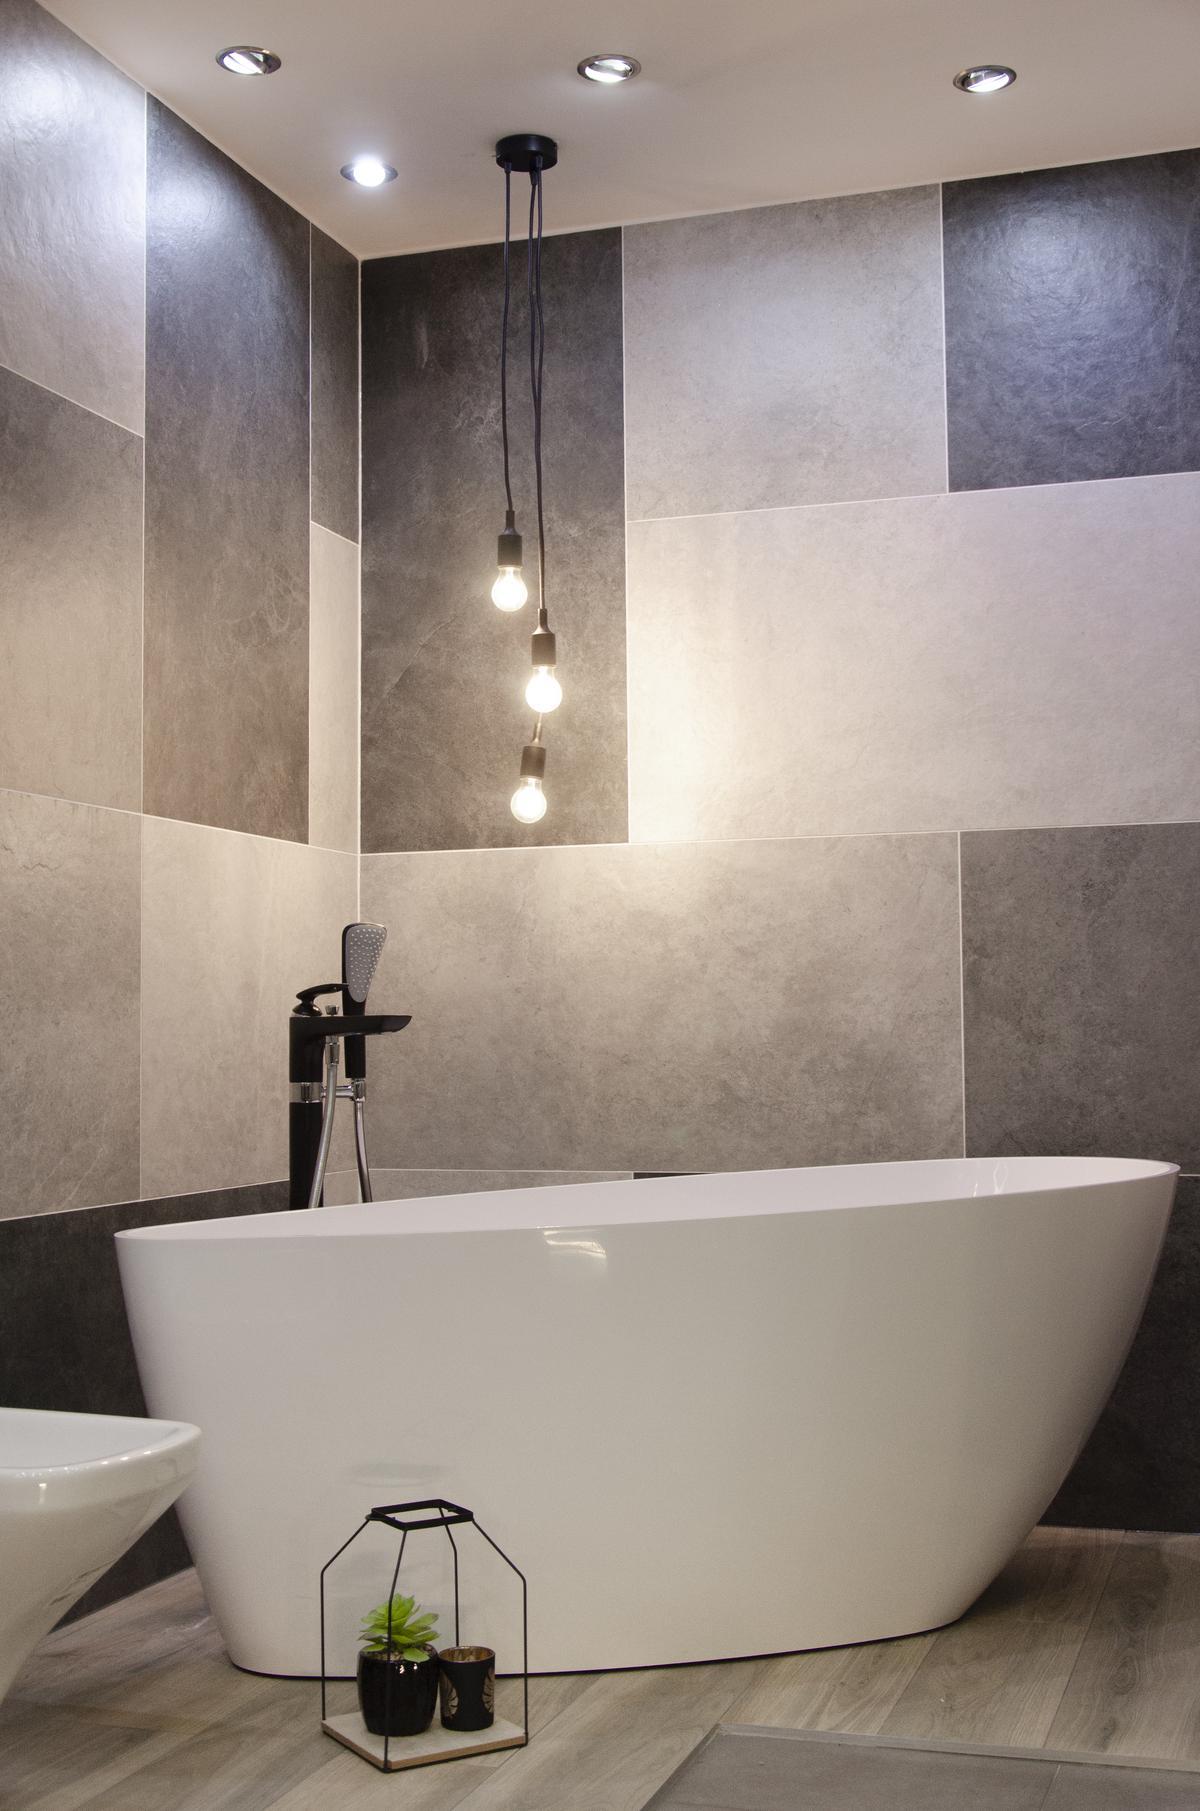 Minimalistyczna łazienka z płytkami w różnych odcieniach szarości - zdjęcie od BLU salon łazienek Kołobrzeg